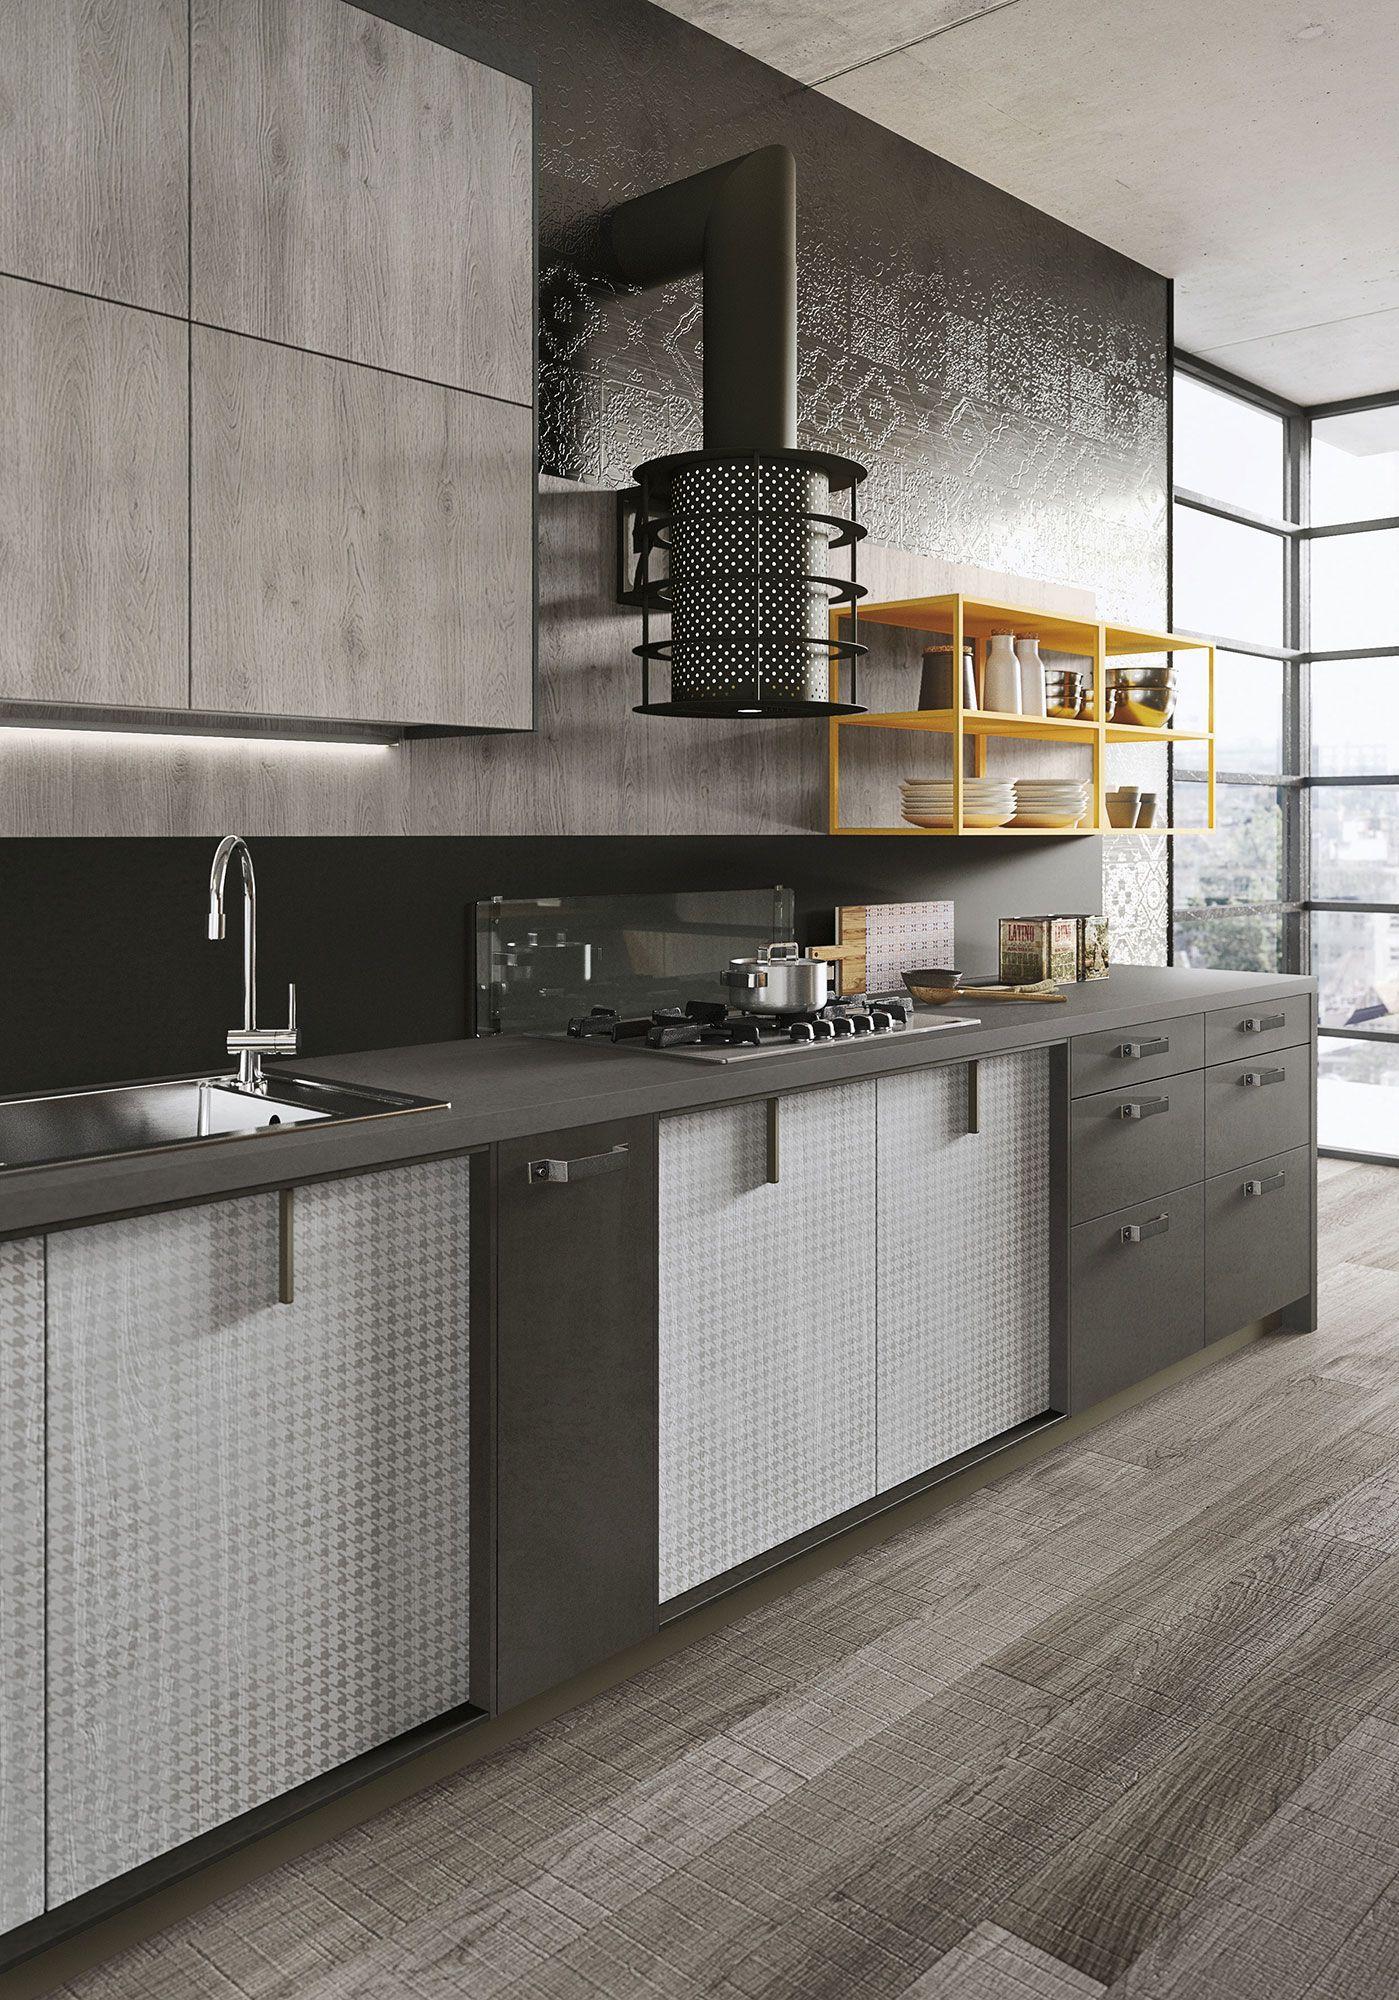 cocina industrial Loft | Kitchens | Pinterest | Cocinas, Encimeras ...